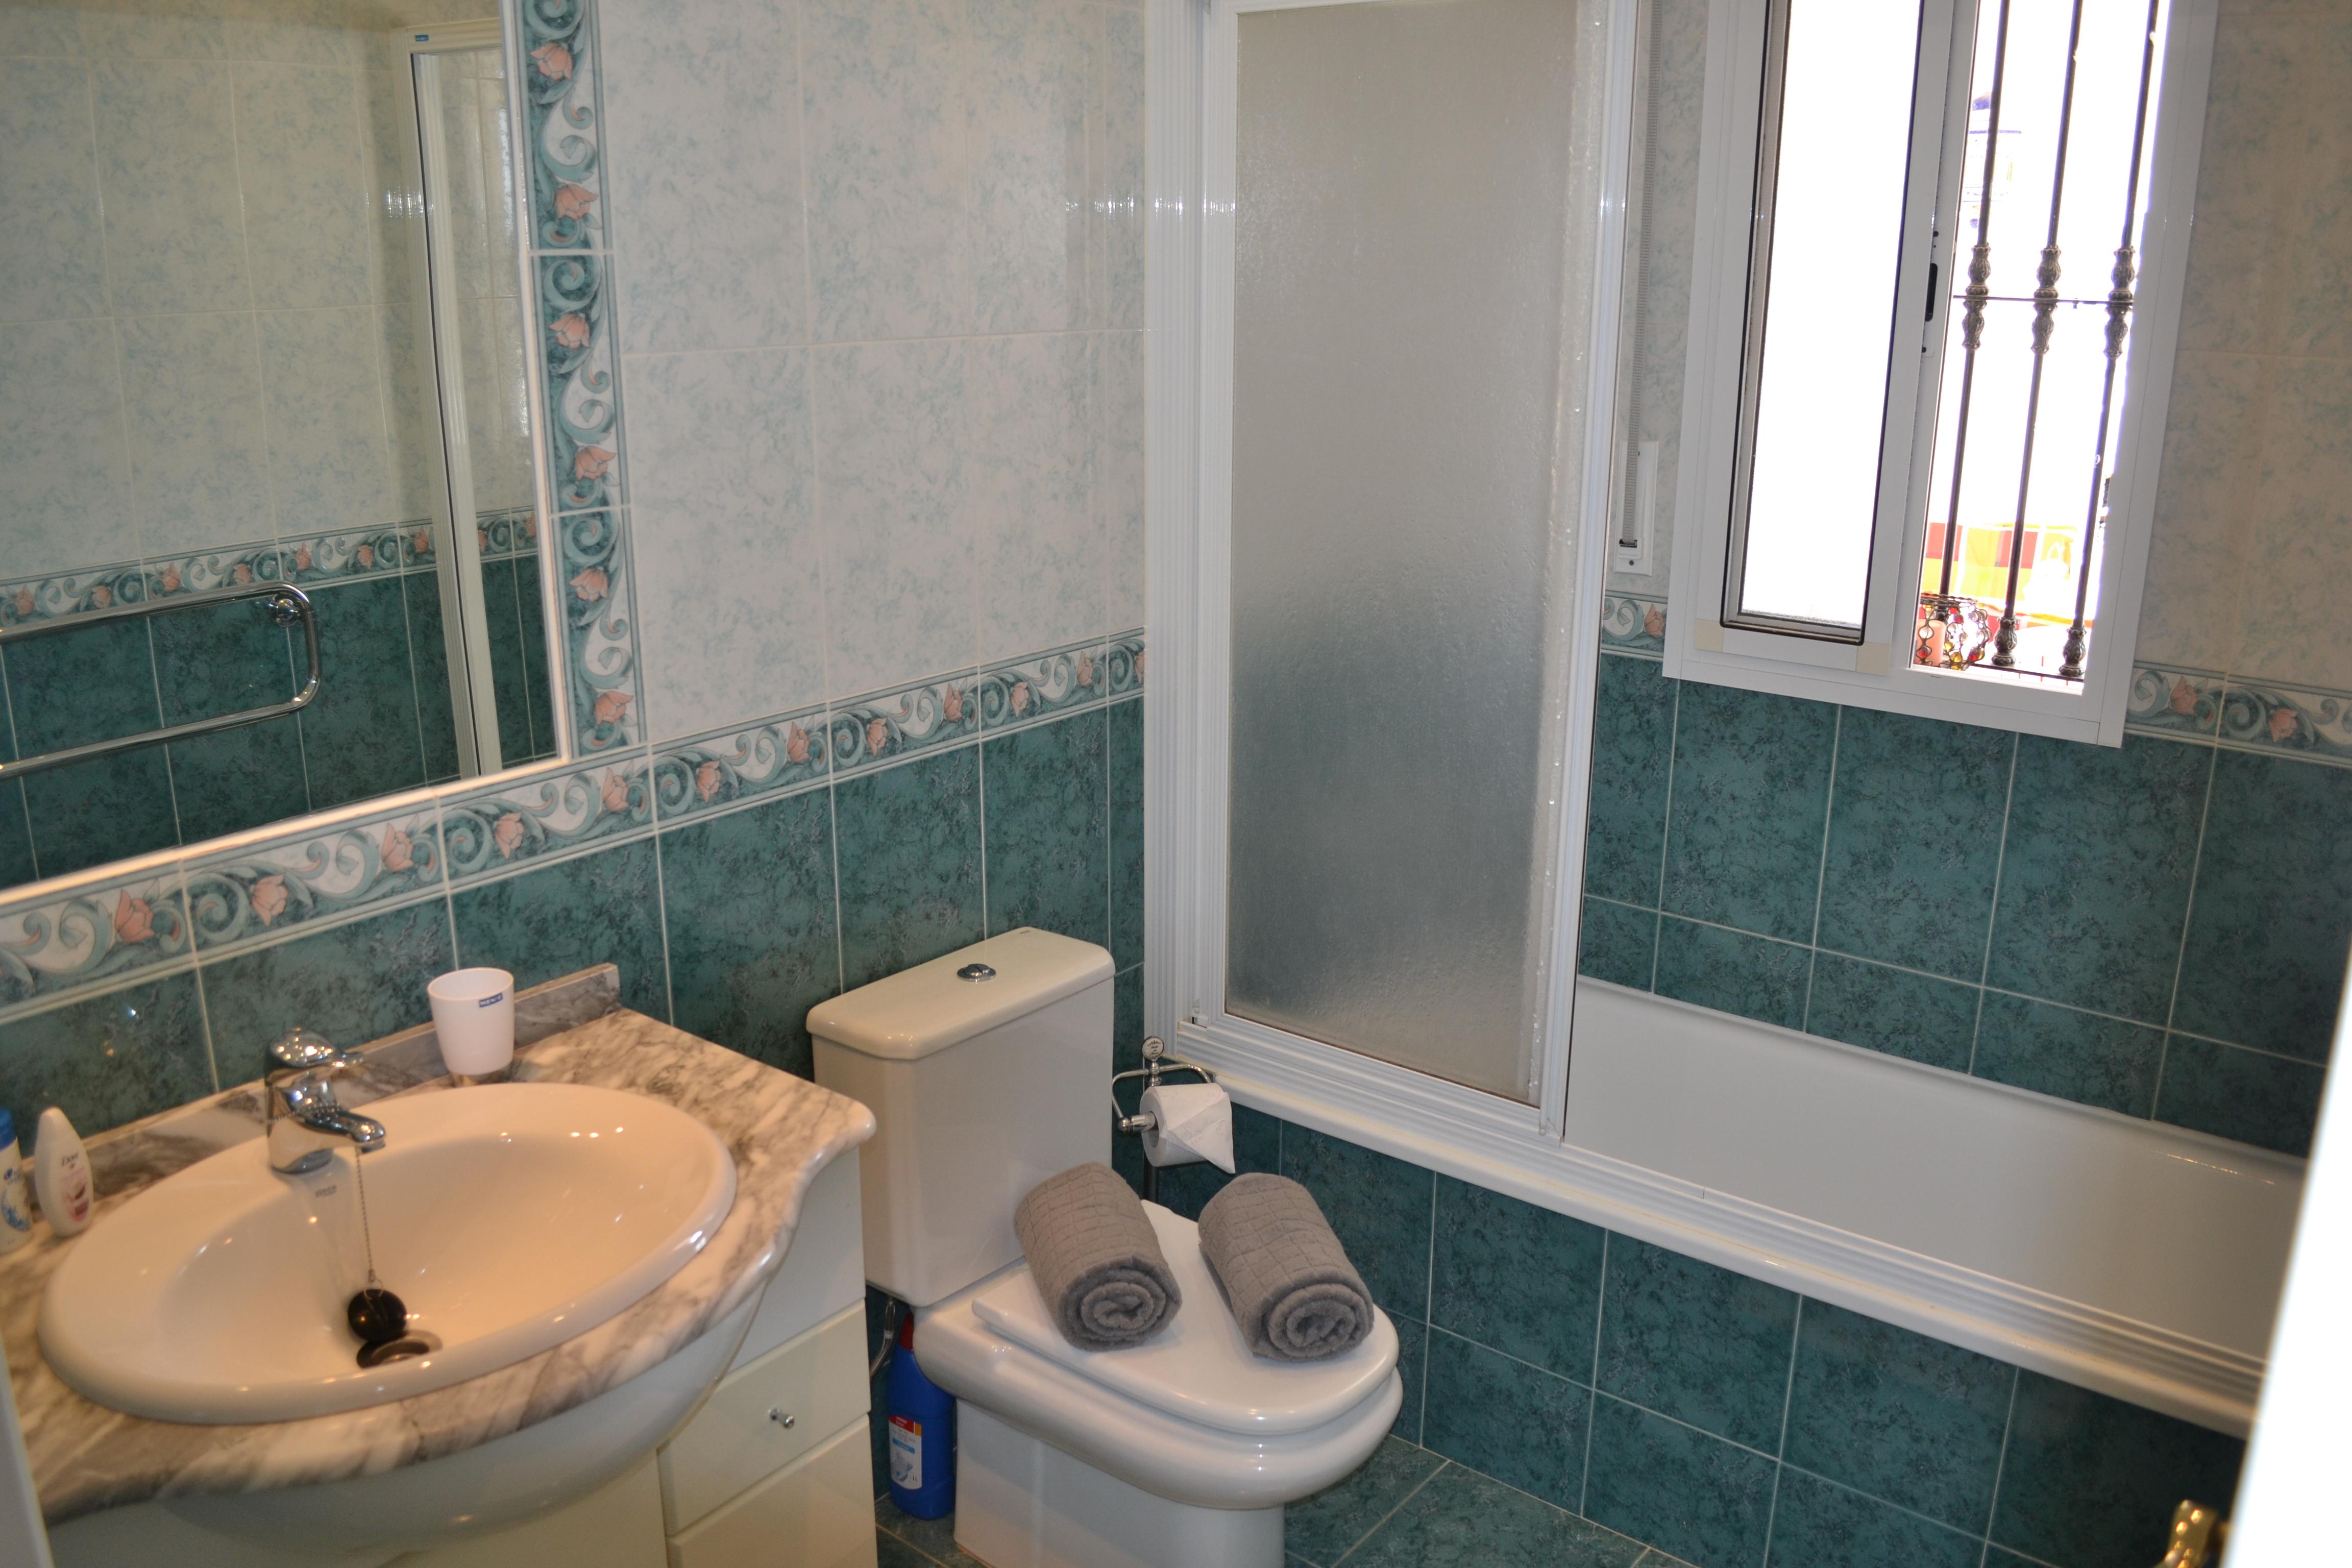 Ligbad met bubbels ontwerp inspiratie voor uw badkamer meubels thuis - Fotos italiaanse douche ontwerp ...